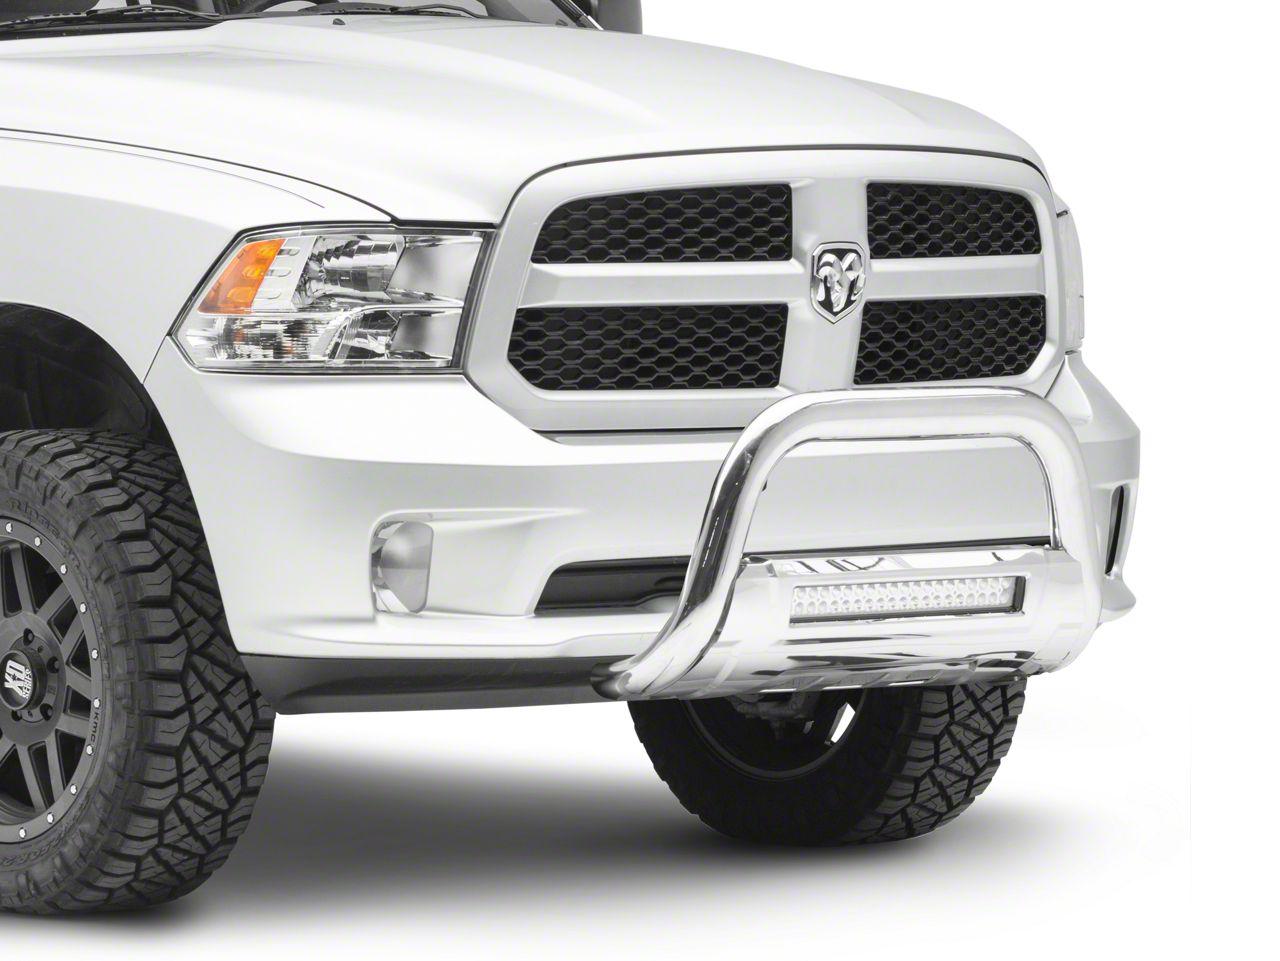 Barricade HD Bull Bar w/ Skid Plate & 20 in. LED Light Bar - Stainless Steel (09-18 RAM 1500, Excluding Rebel)